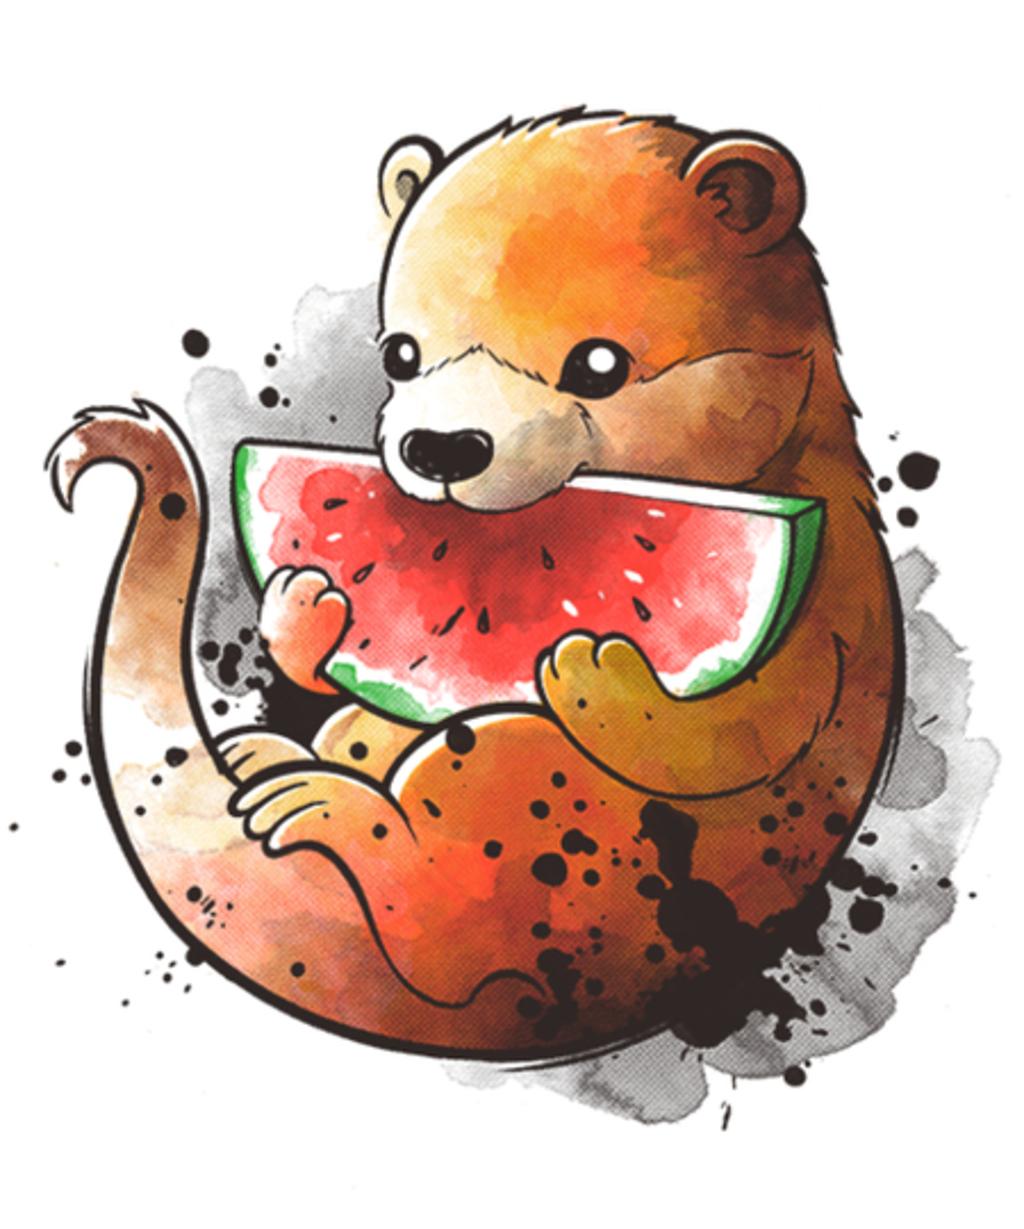 Qwertee: Wottermelon